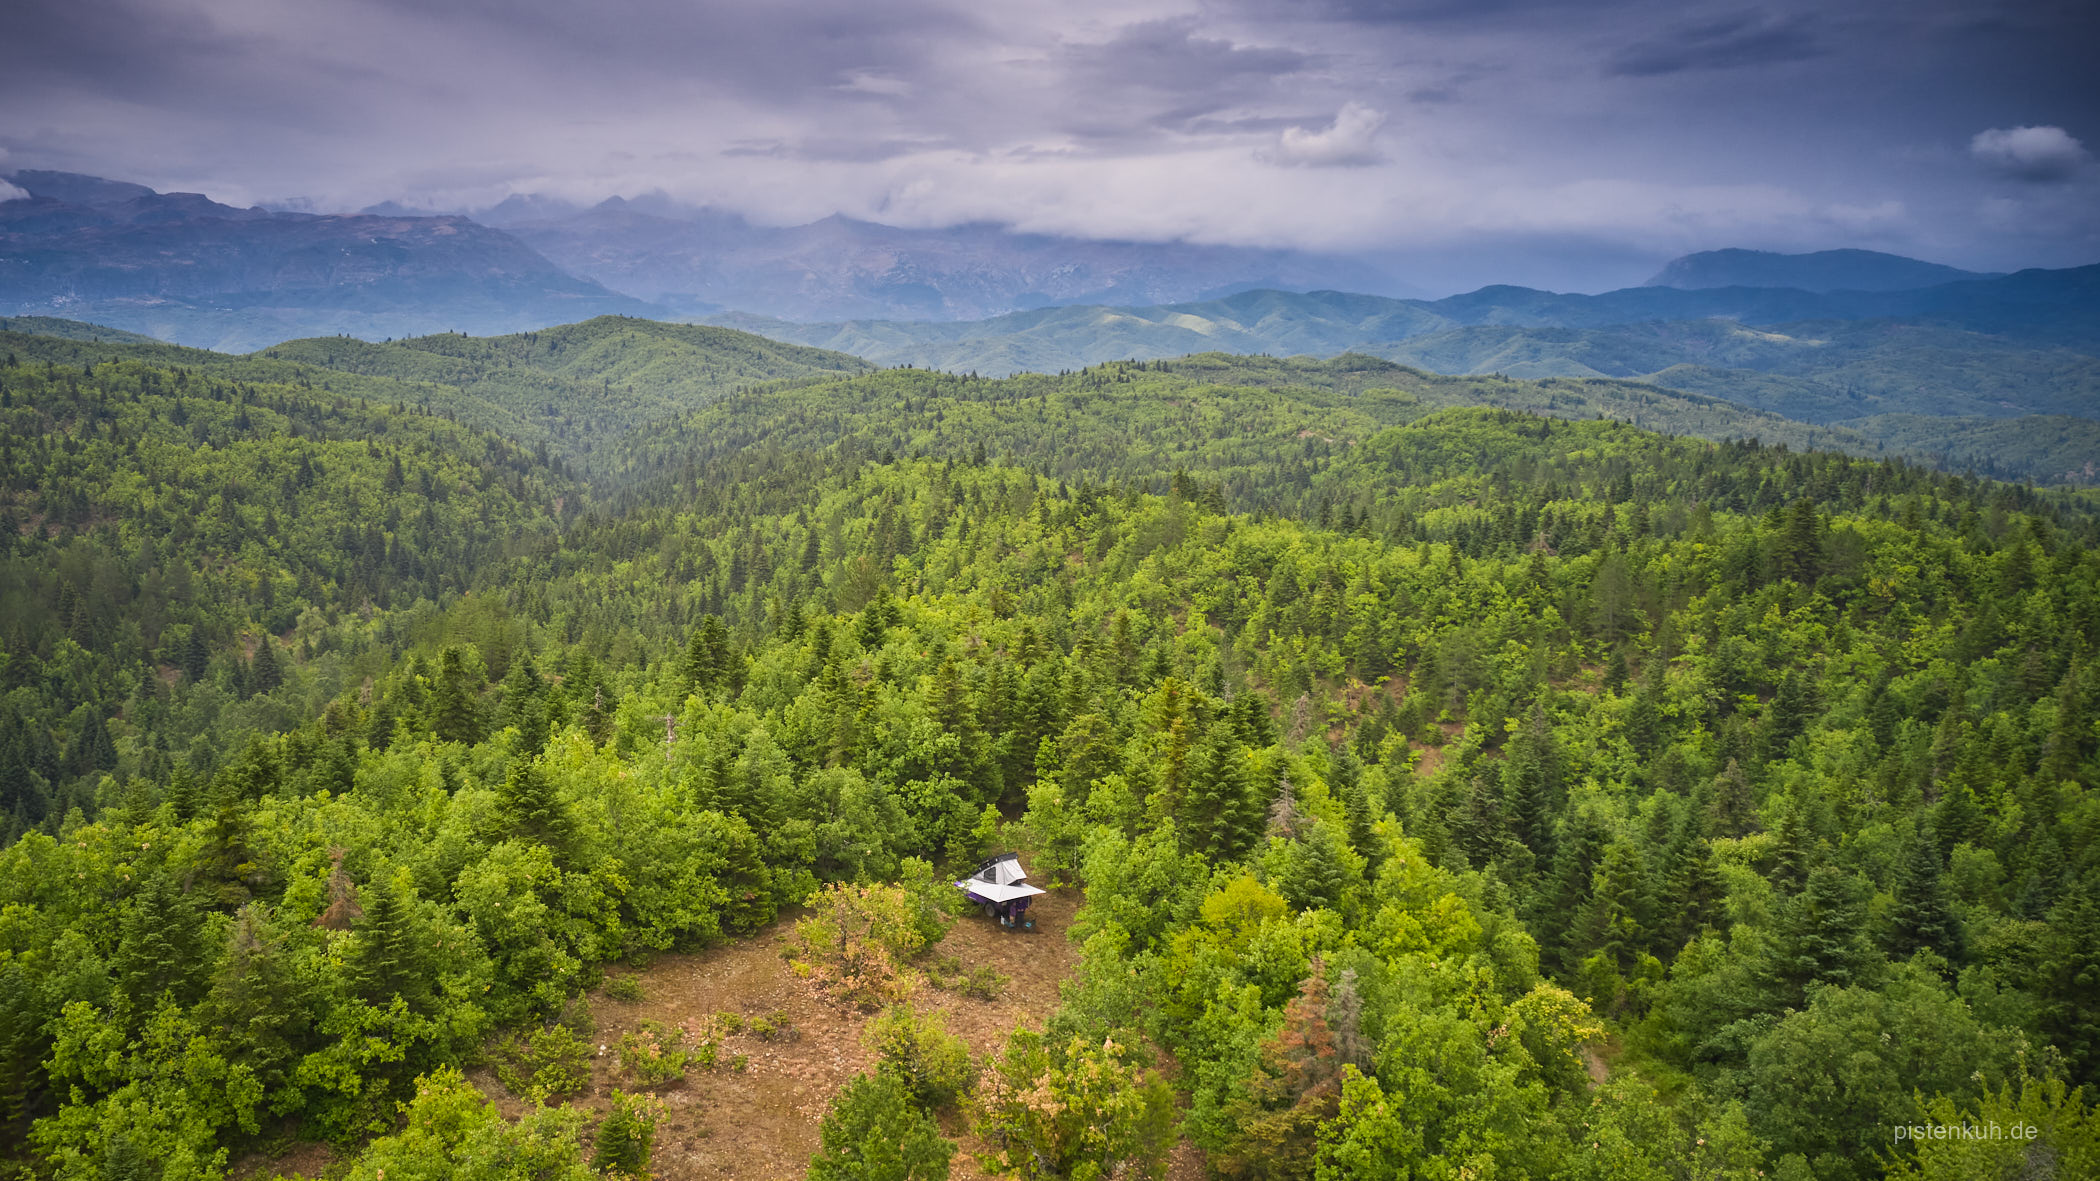 Freies stehen im Wald ist auf den waldreichen Höhen oft die einzige Möglichkeit die Nacht zu verbringen.